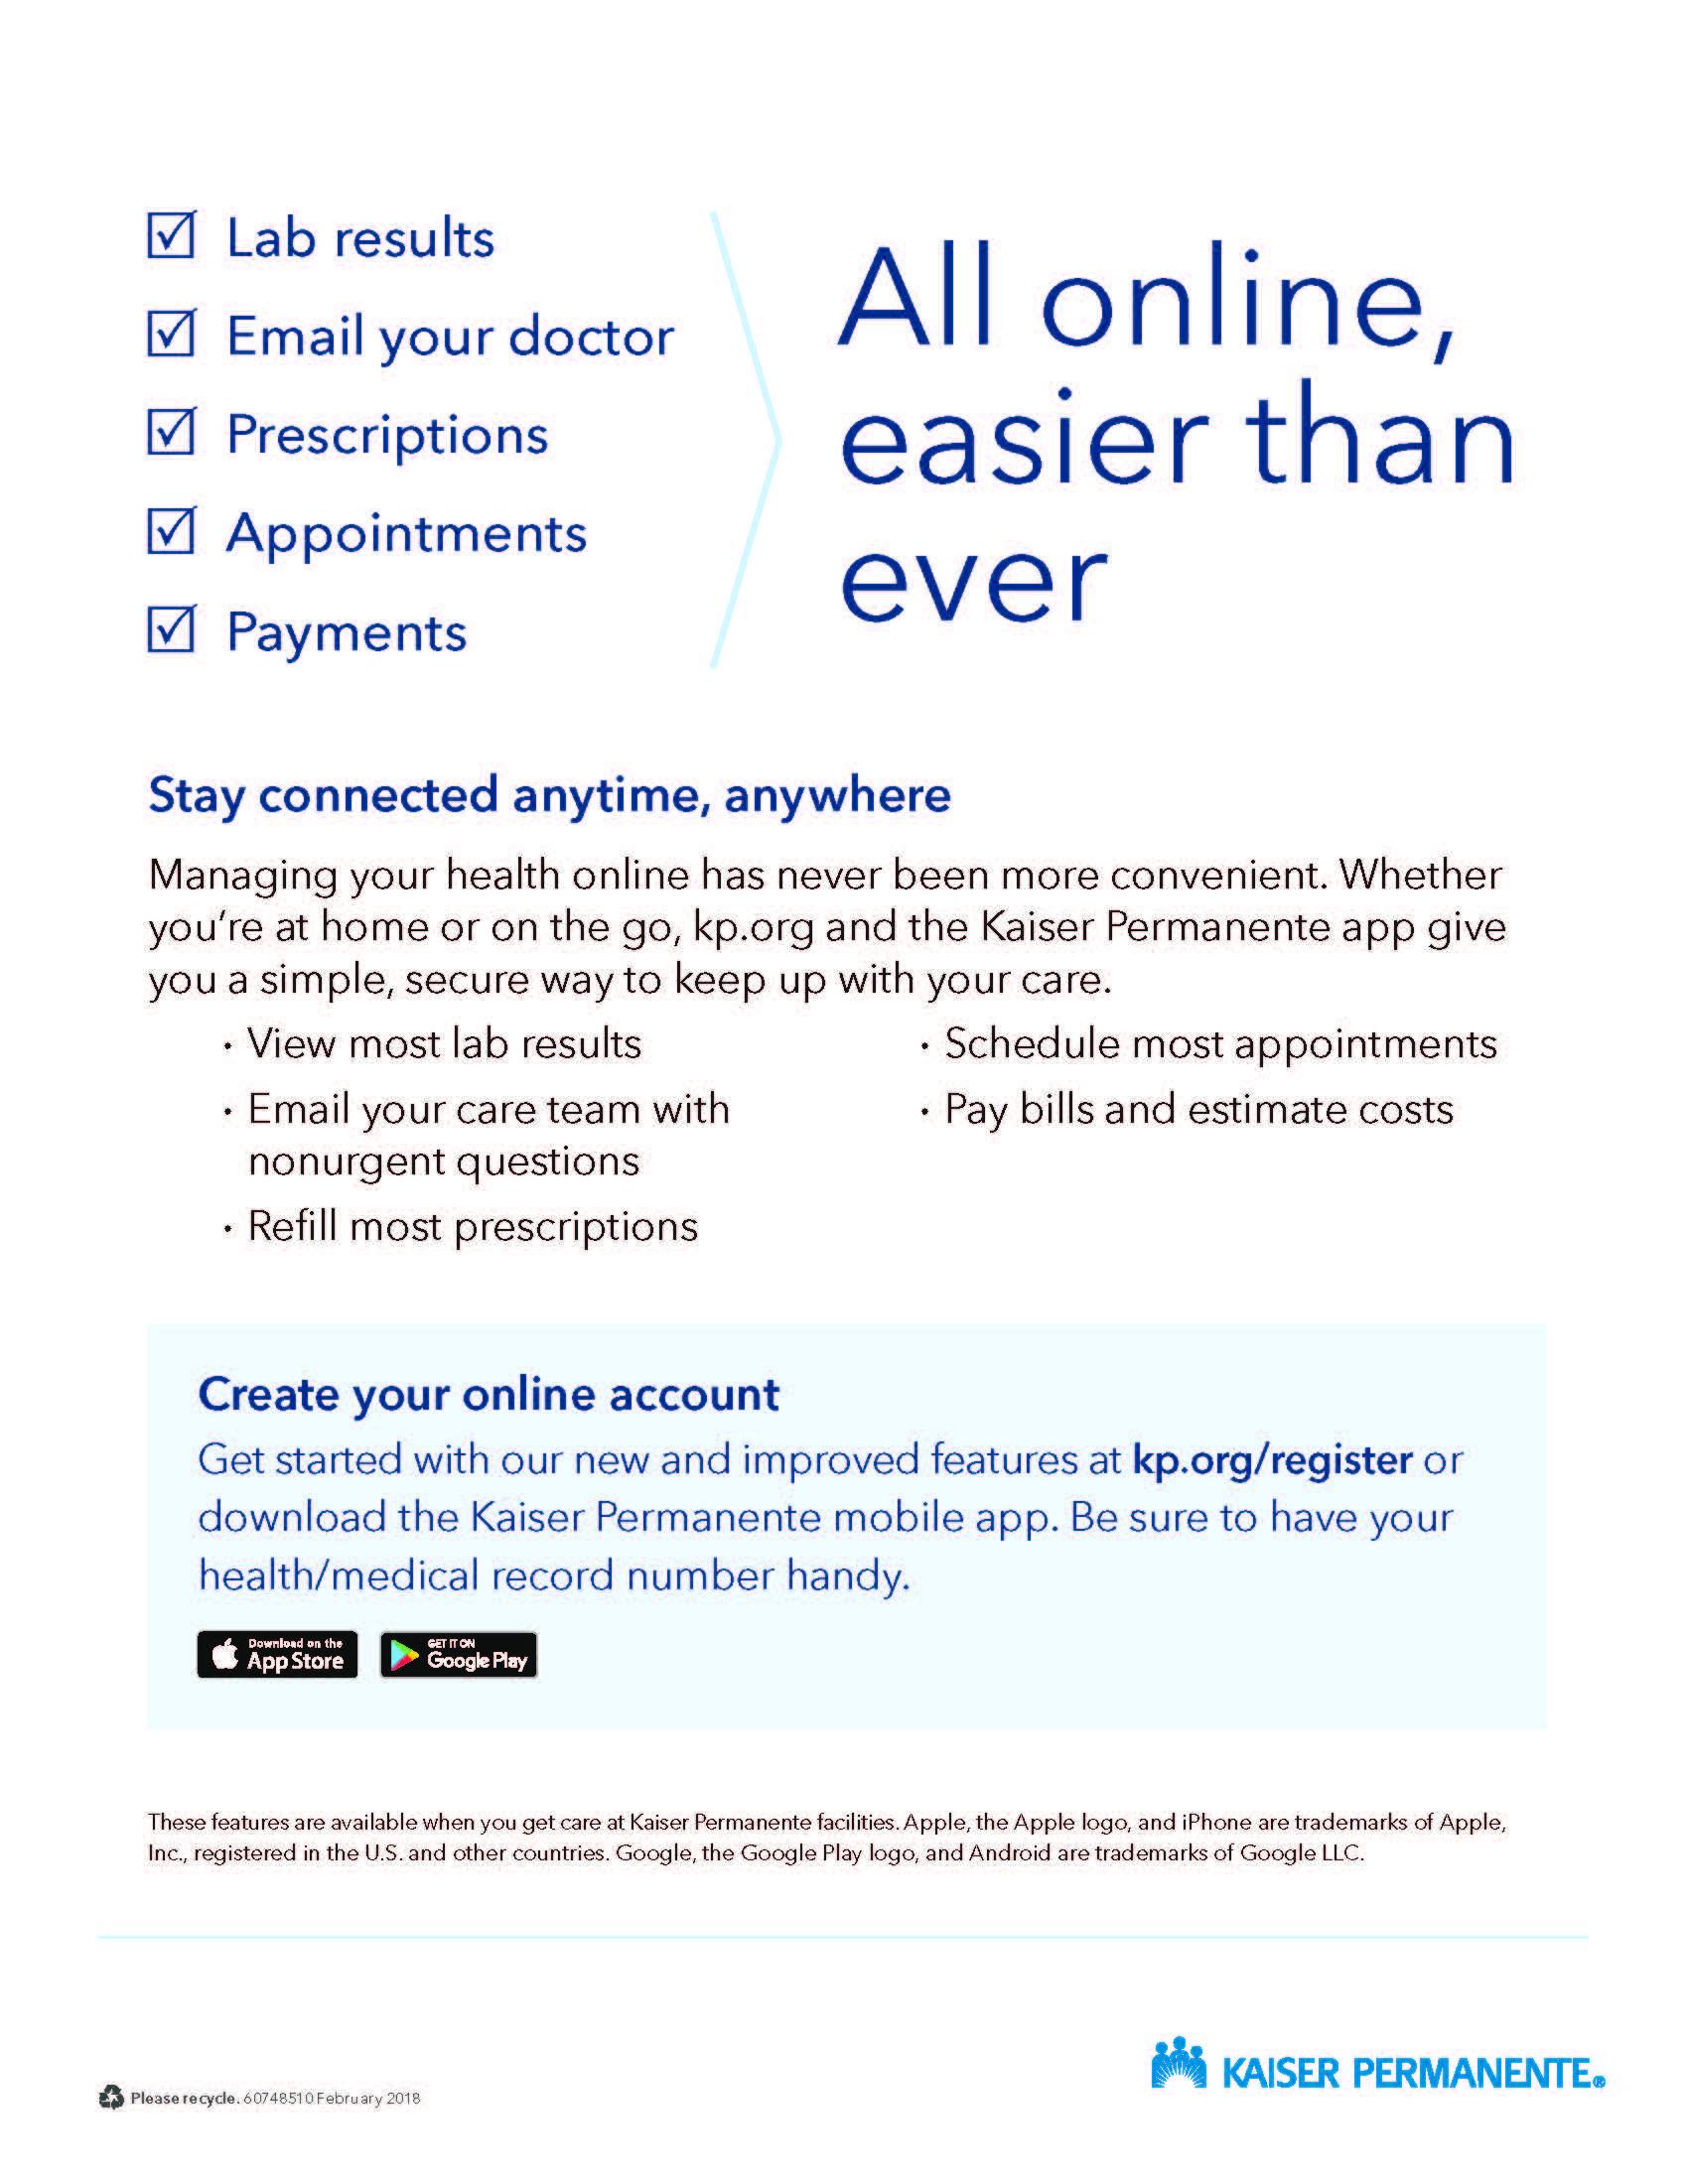 Flier urging patients to register for KP dot org